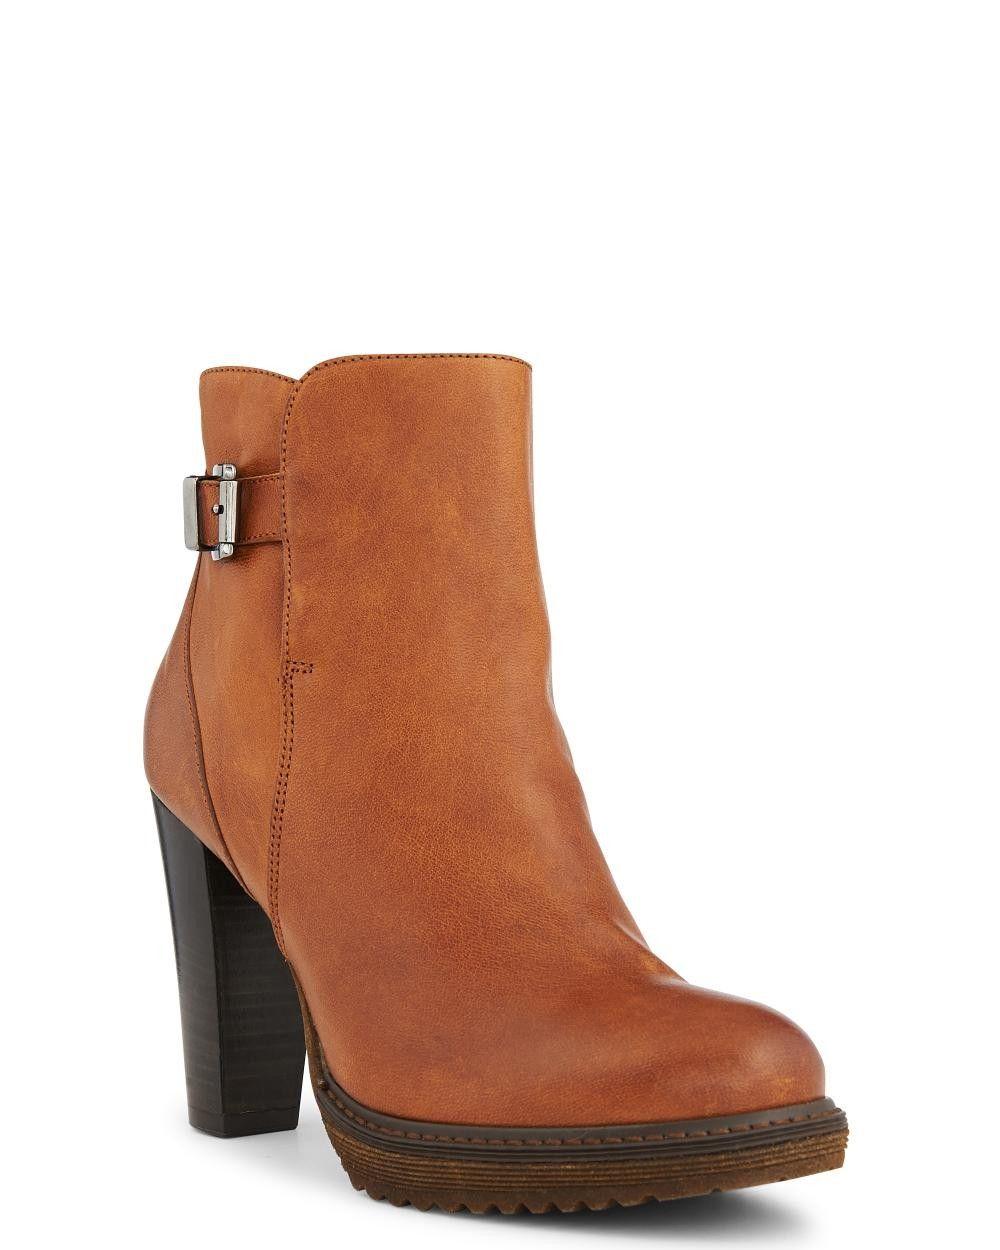 2d10df41fc Boots - Fierté - Toutes les chaussures - La Collection chaussures - Cuir -  Noir Maroquinerie